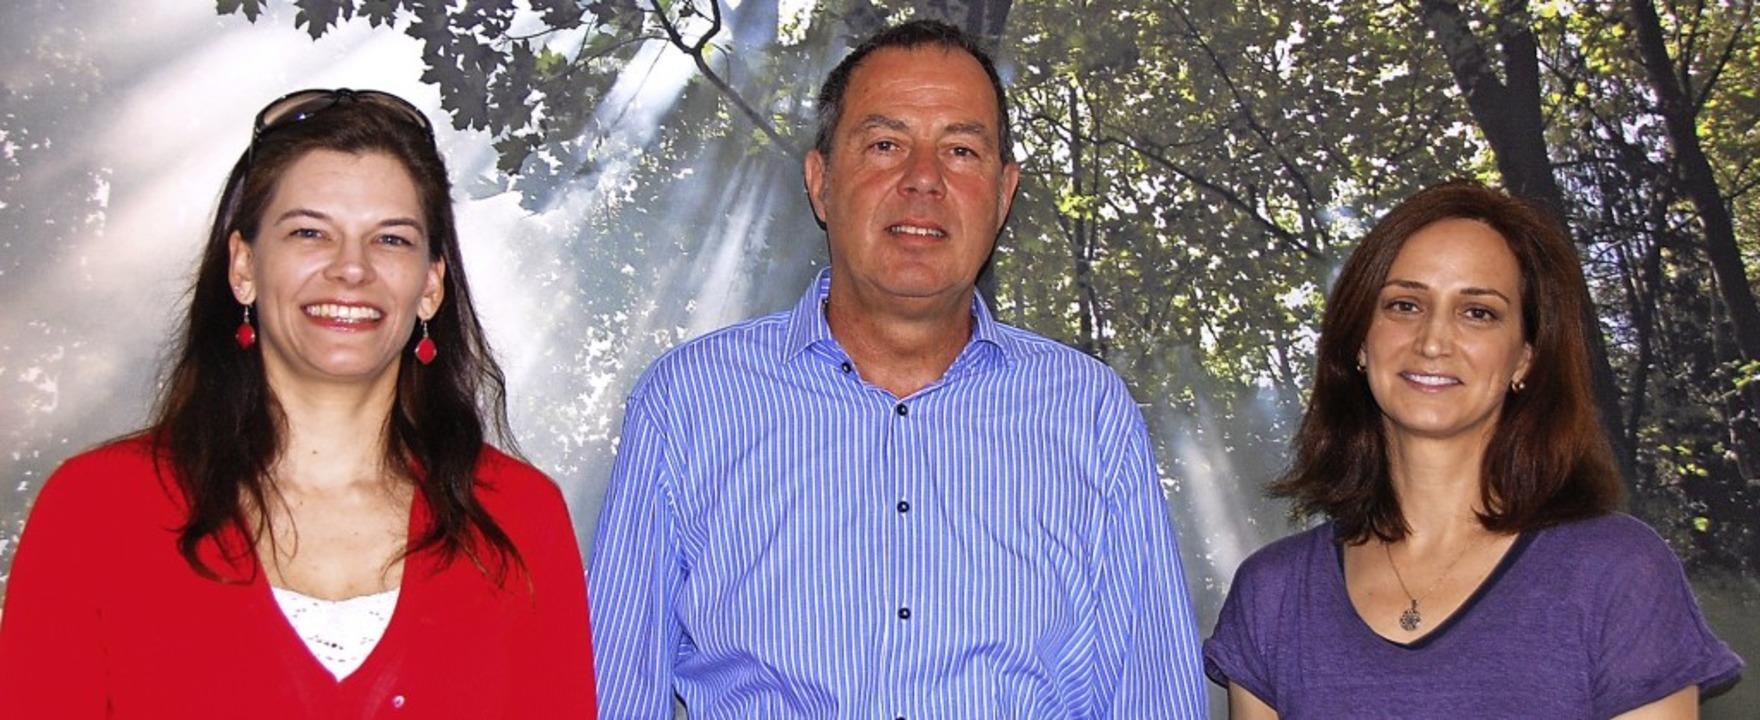 Christine Braun und Bürgermeister Schn... Ilka Bühler (von links) neu im Team.   | Foto: Herbert Frey